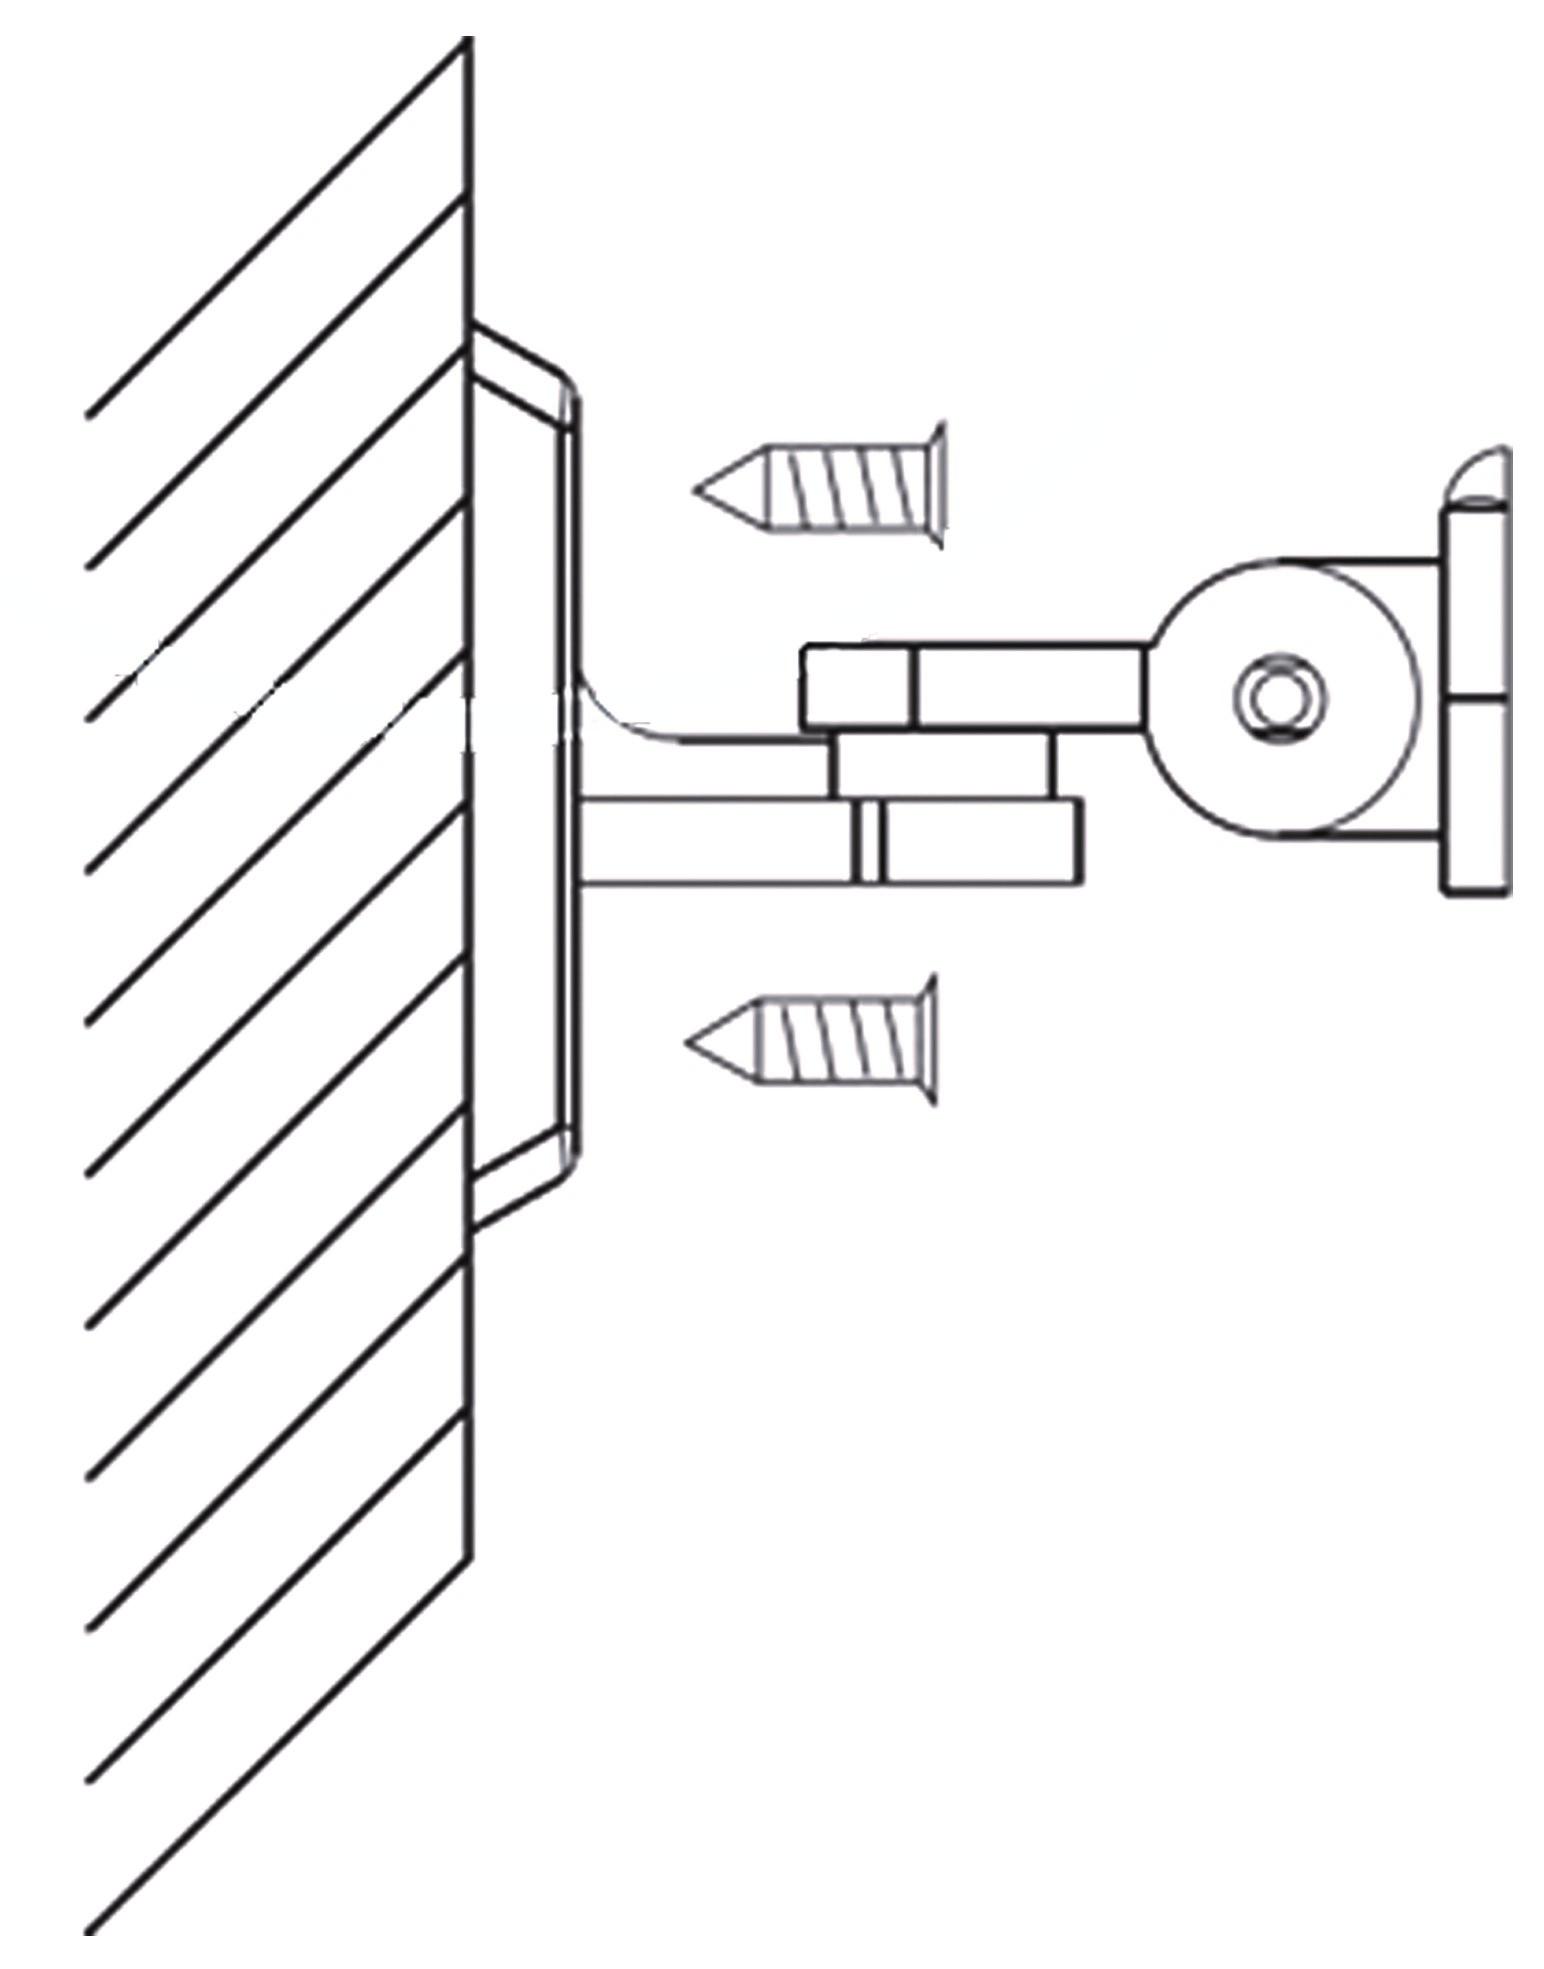 ارتفاع نصب پایه چشمی دزدگیر